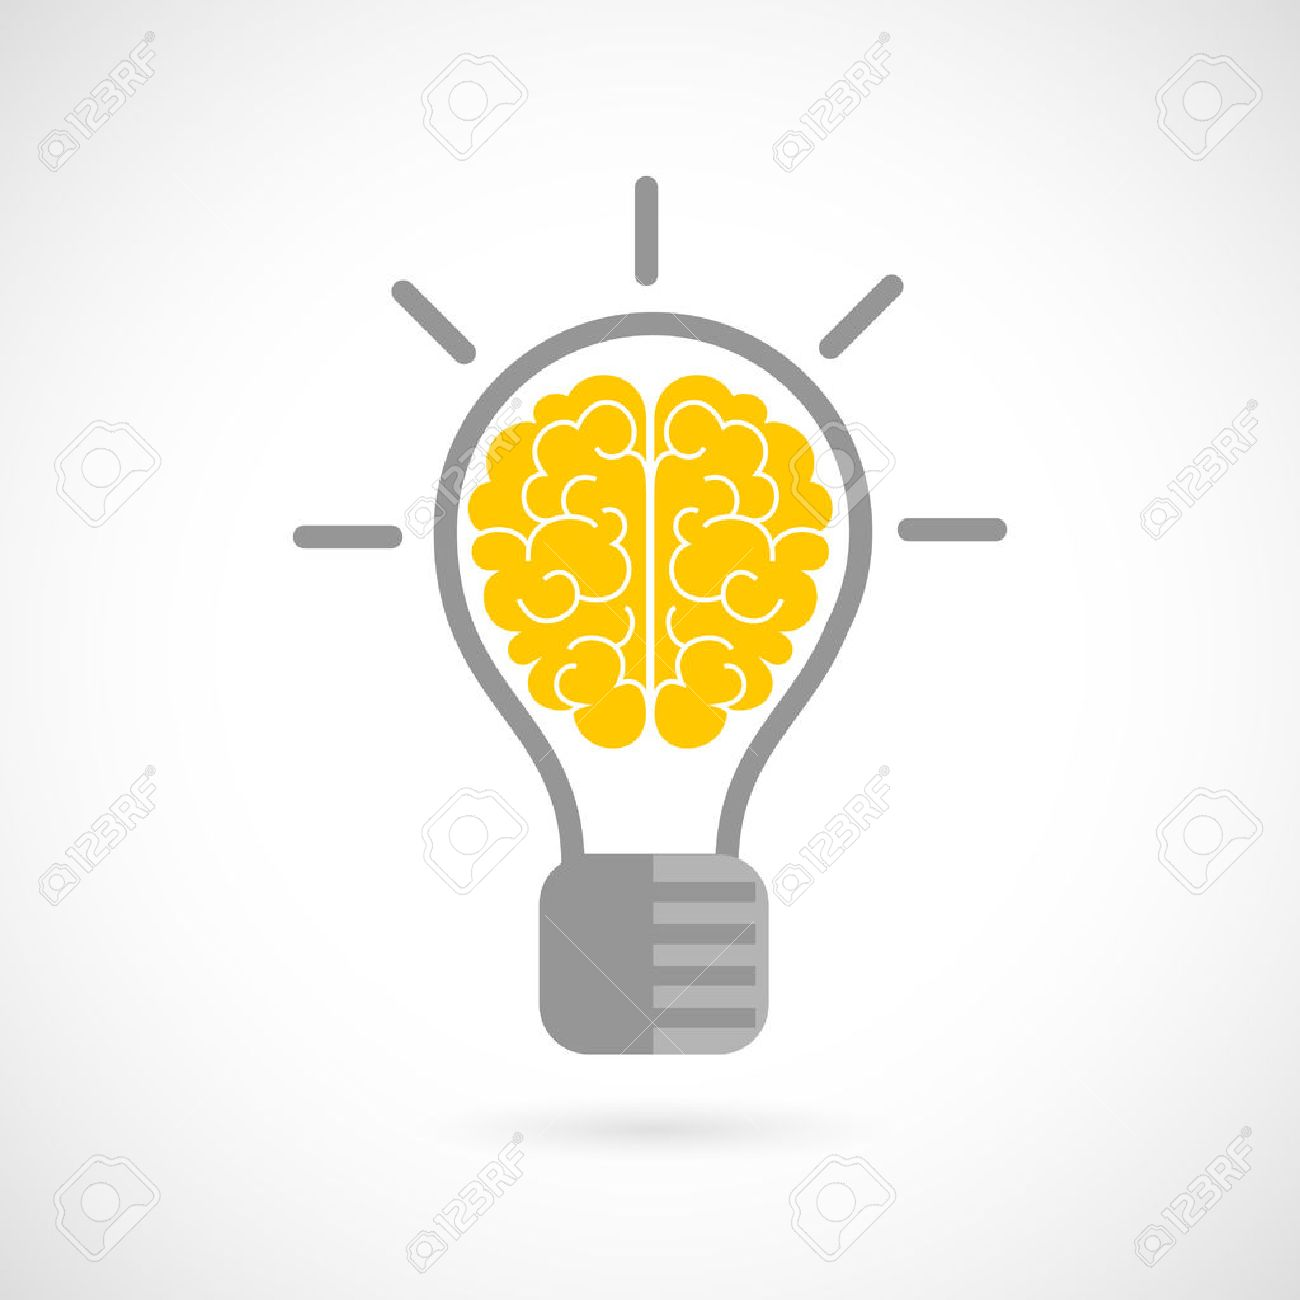 電球アイデア コンセプト フラット アイコン白い背景ベクトル イラスト